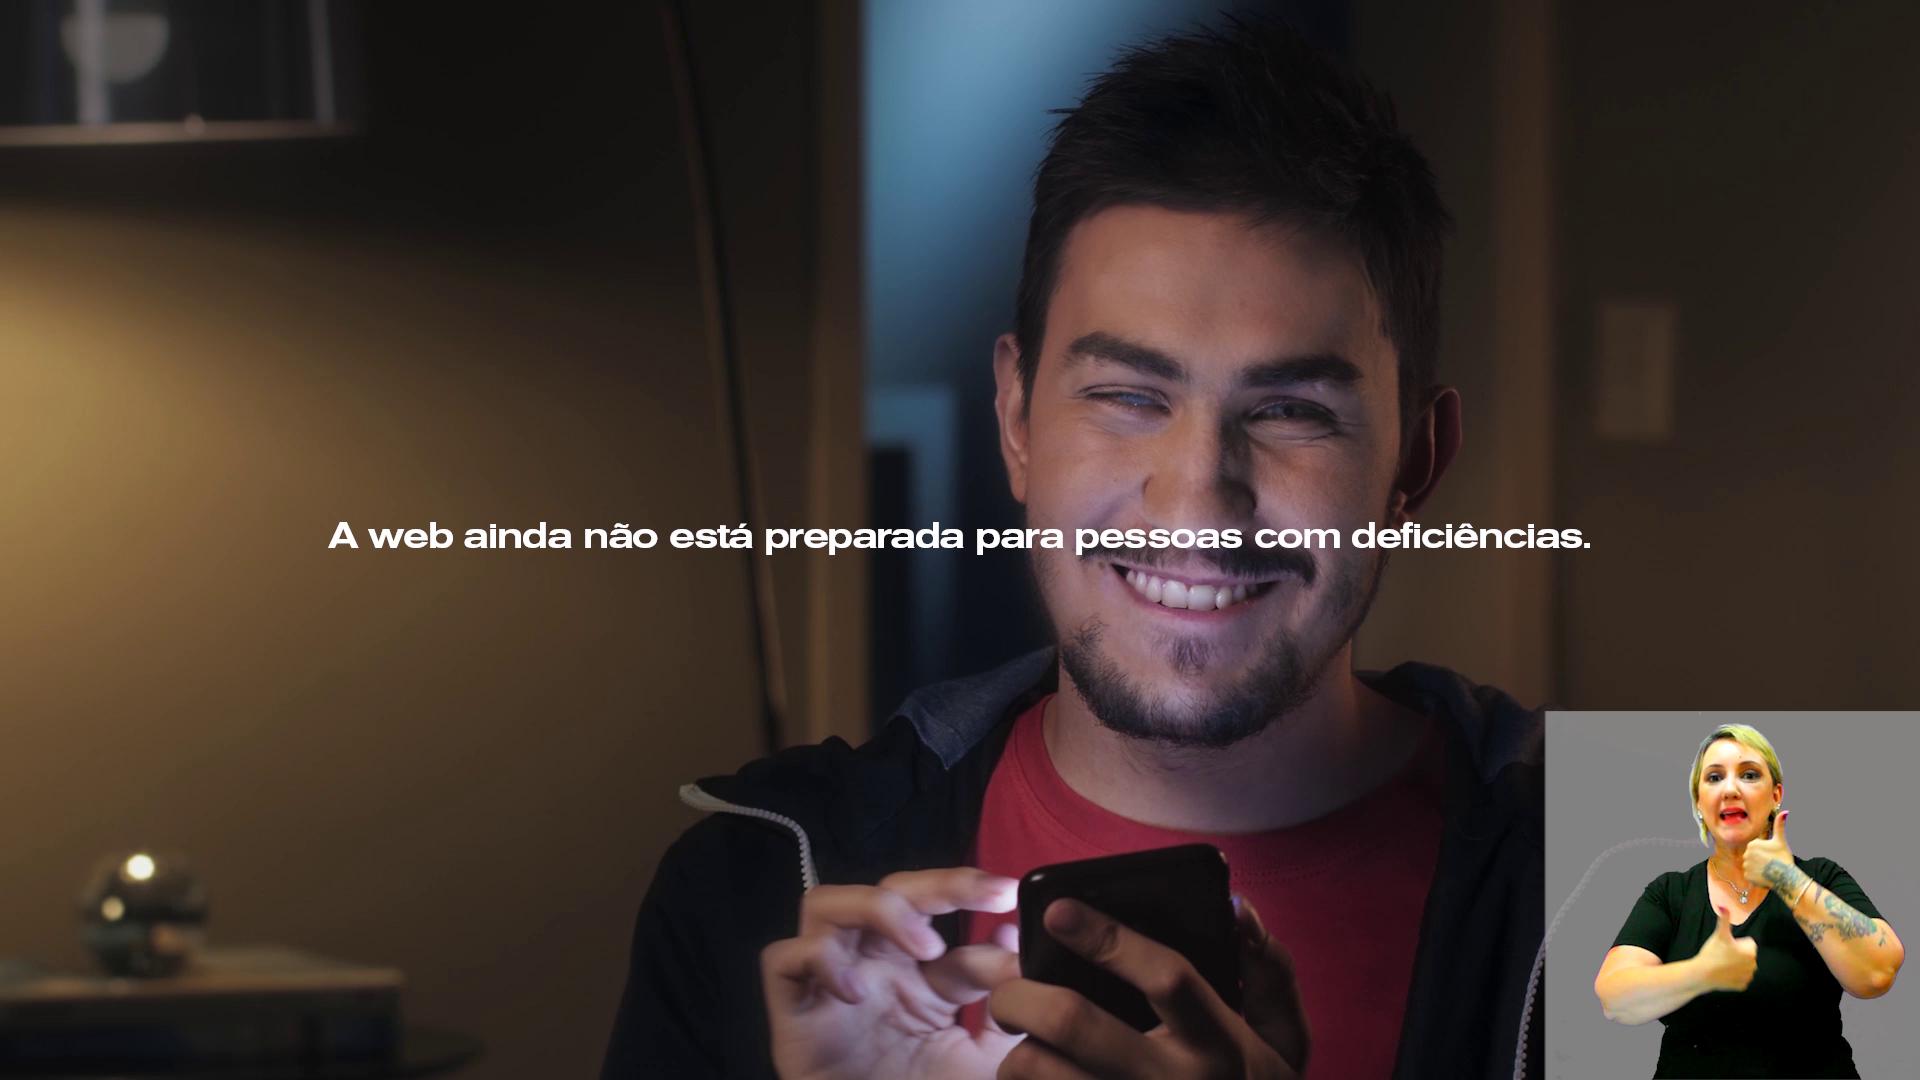 Foto de um rapaz segurando um celular e sorrindo. Há uma frase com fonte branca também.